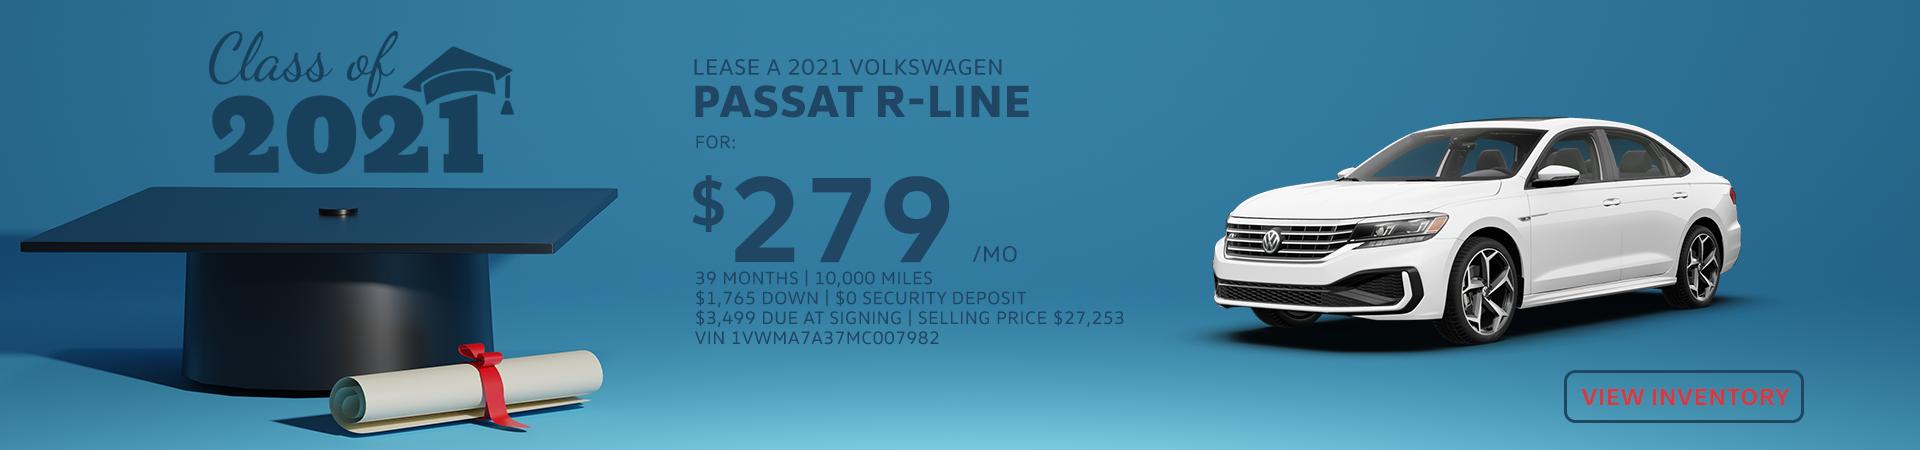 Wynn VW_June Offer_Passat